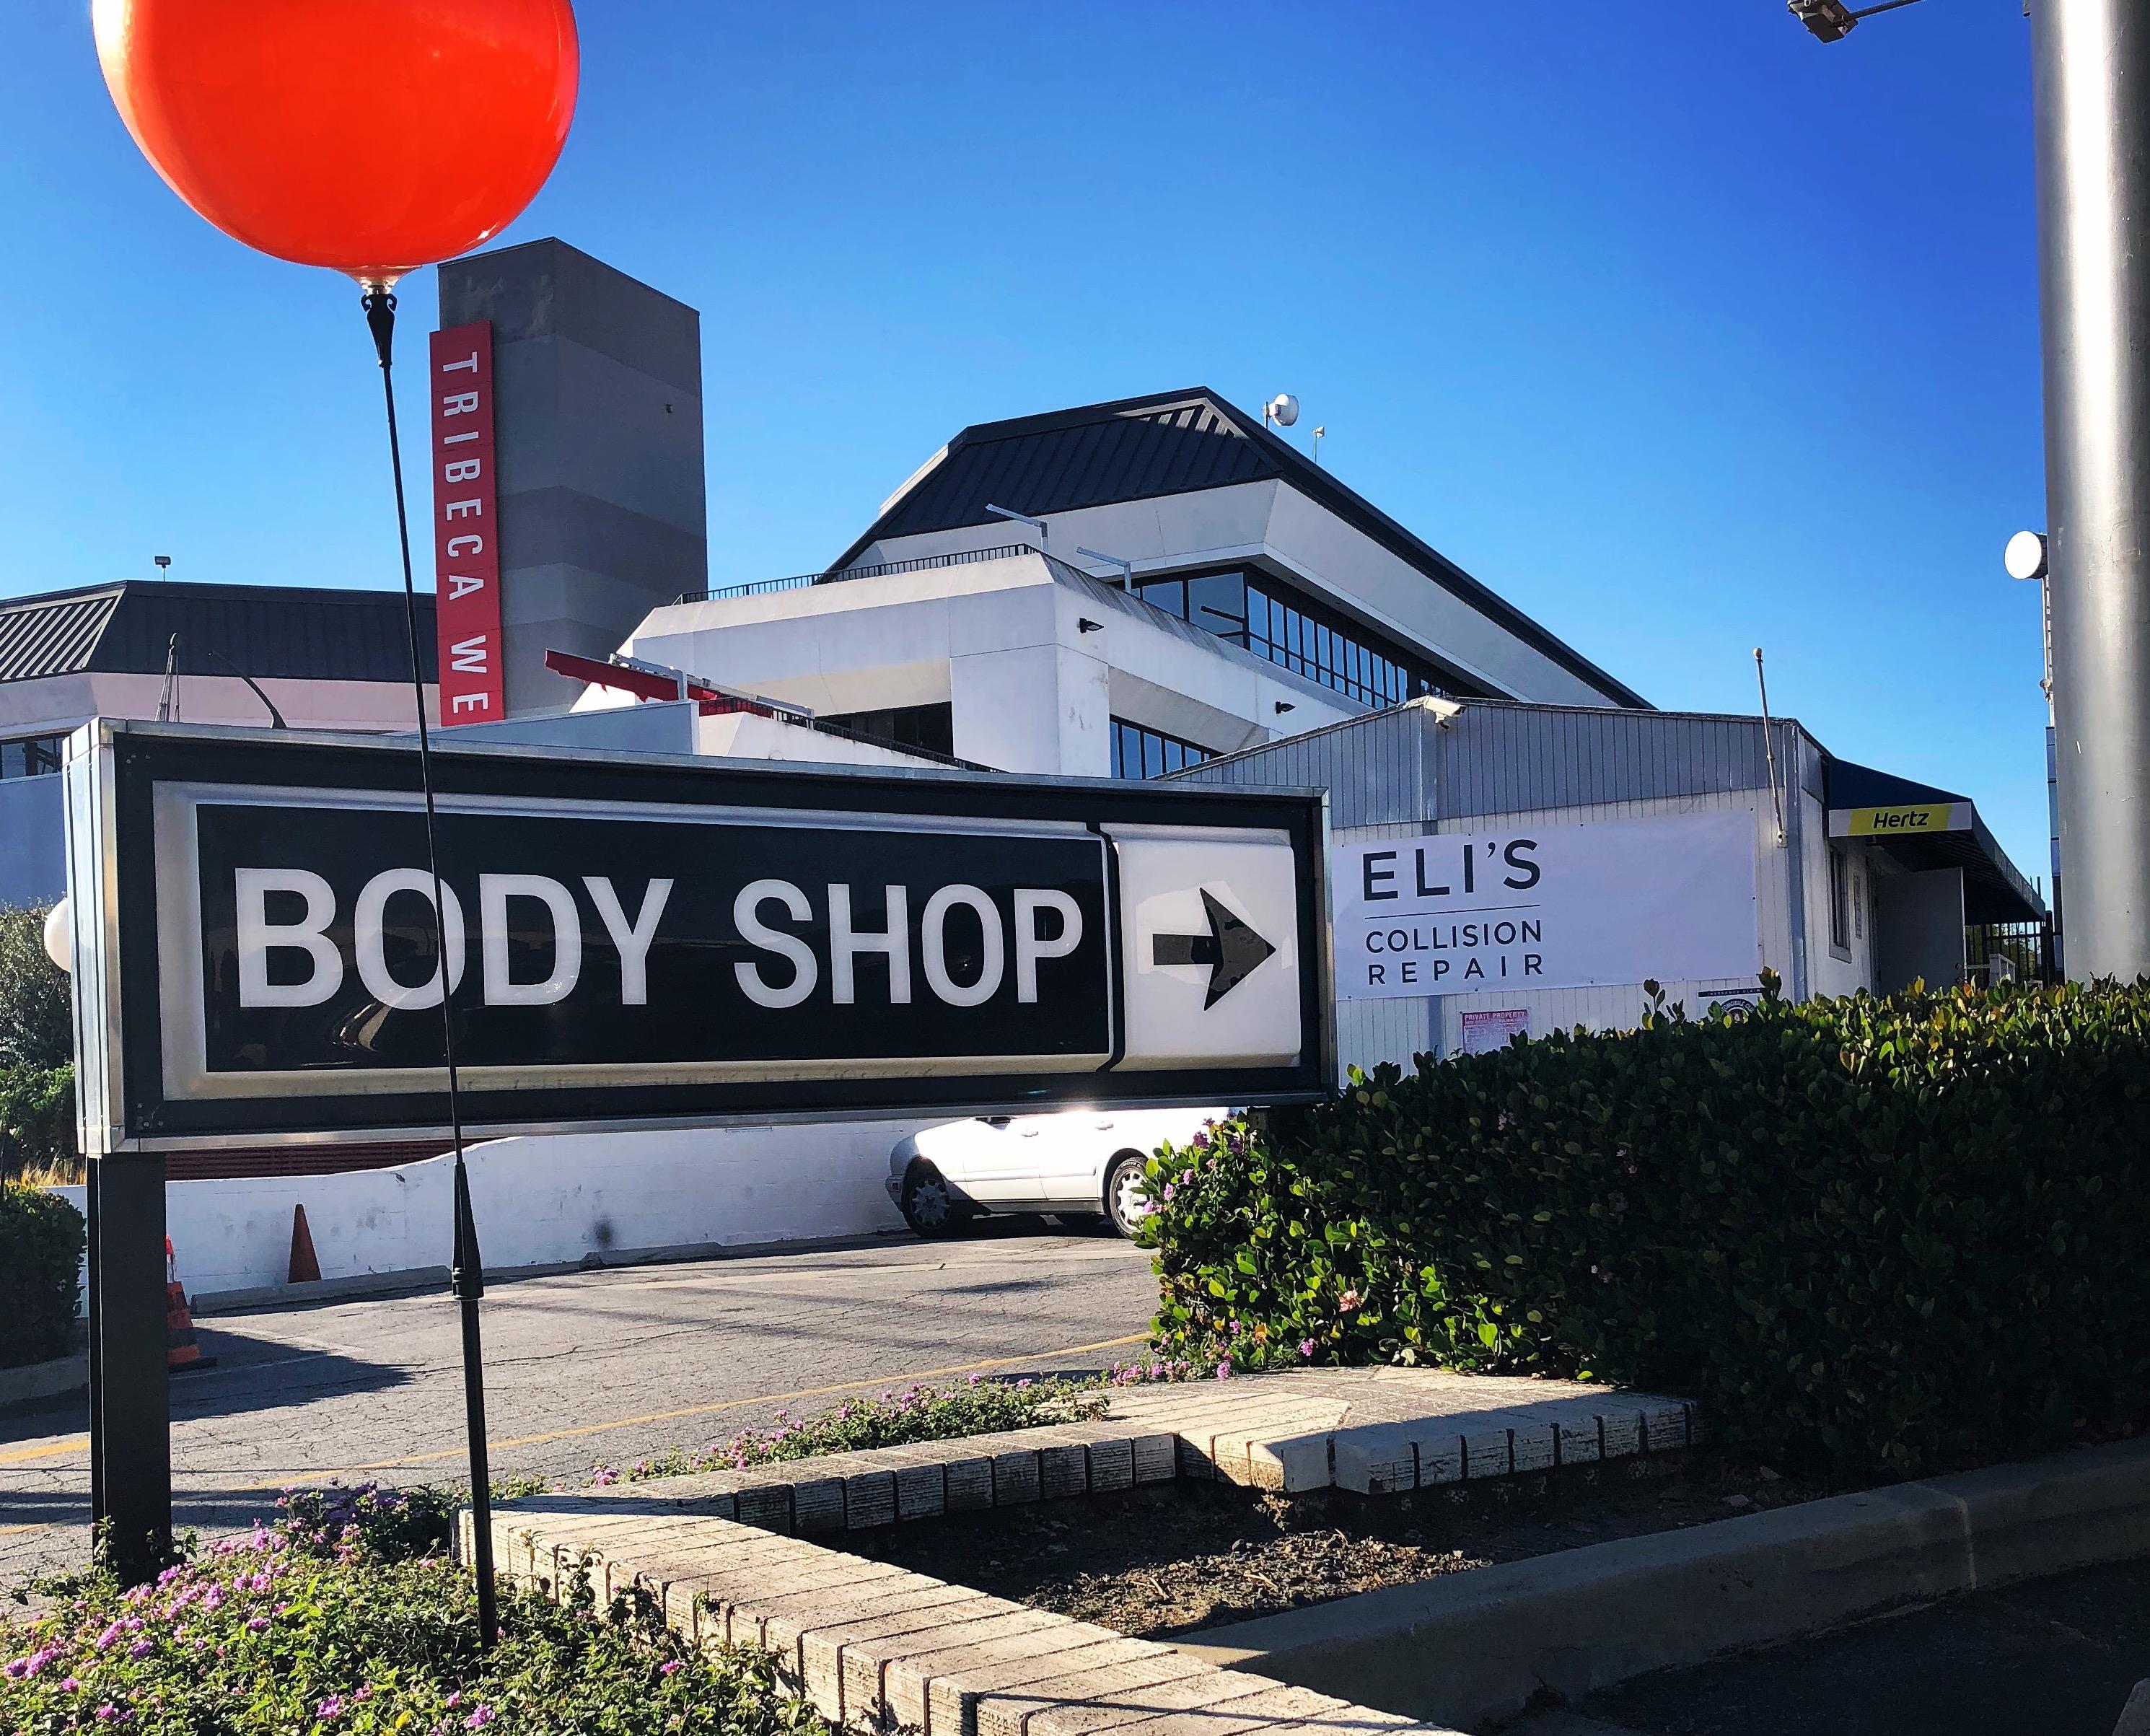 body shop near me west los angeles - Eli's Collision ...